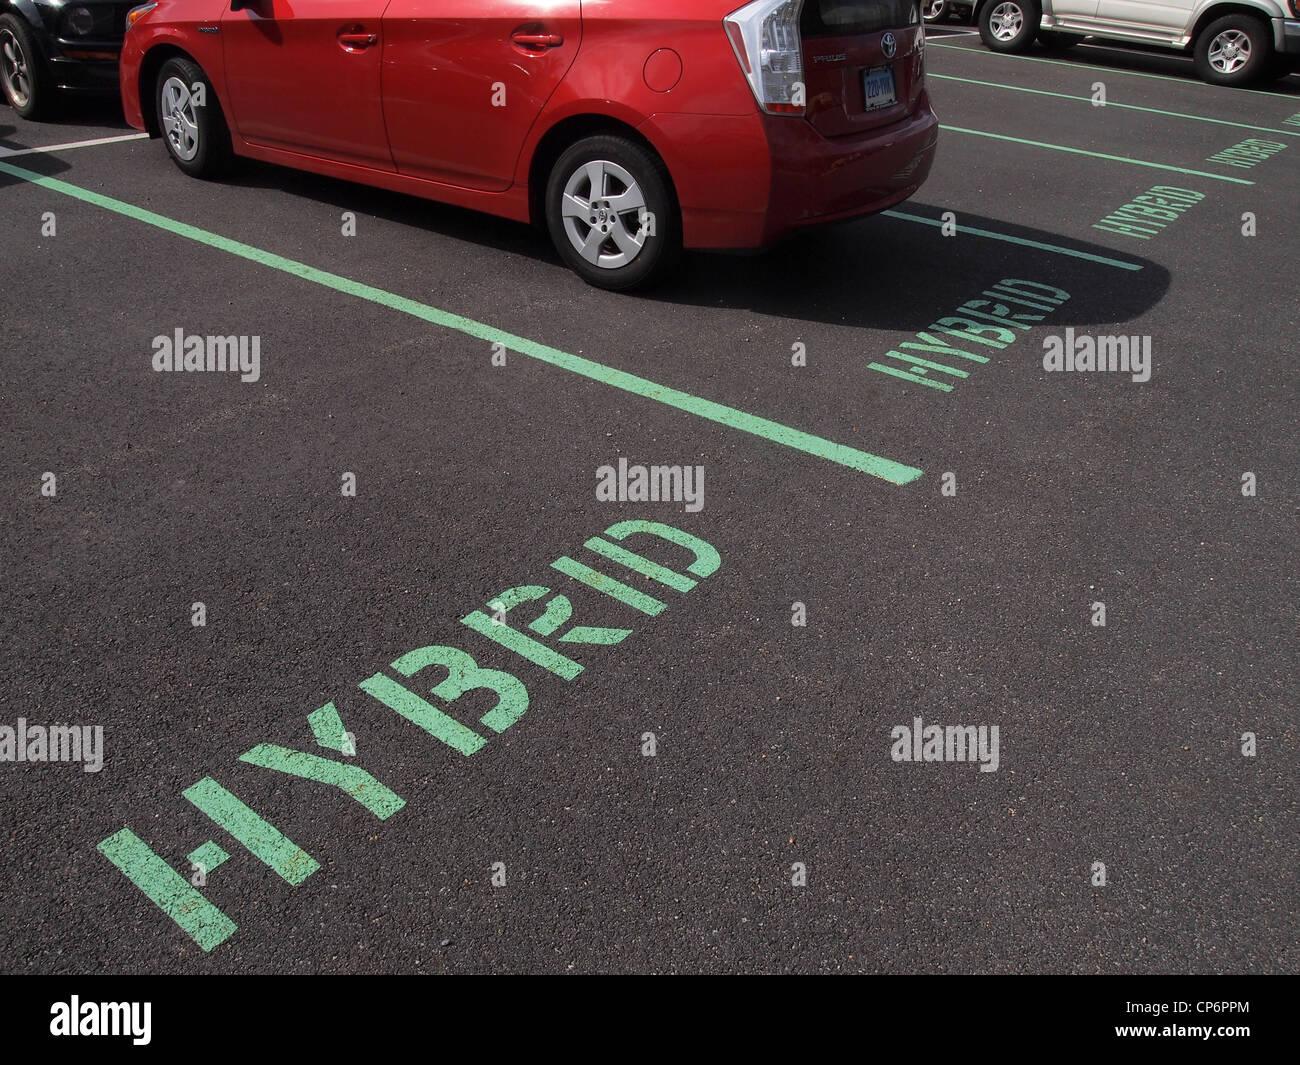 Toyota Prius aparcado en un espacio reservado para los vehículos híbridos, Nueva York, Estados Unidos, Imagen De Stock